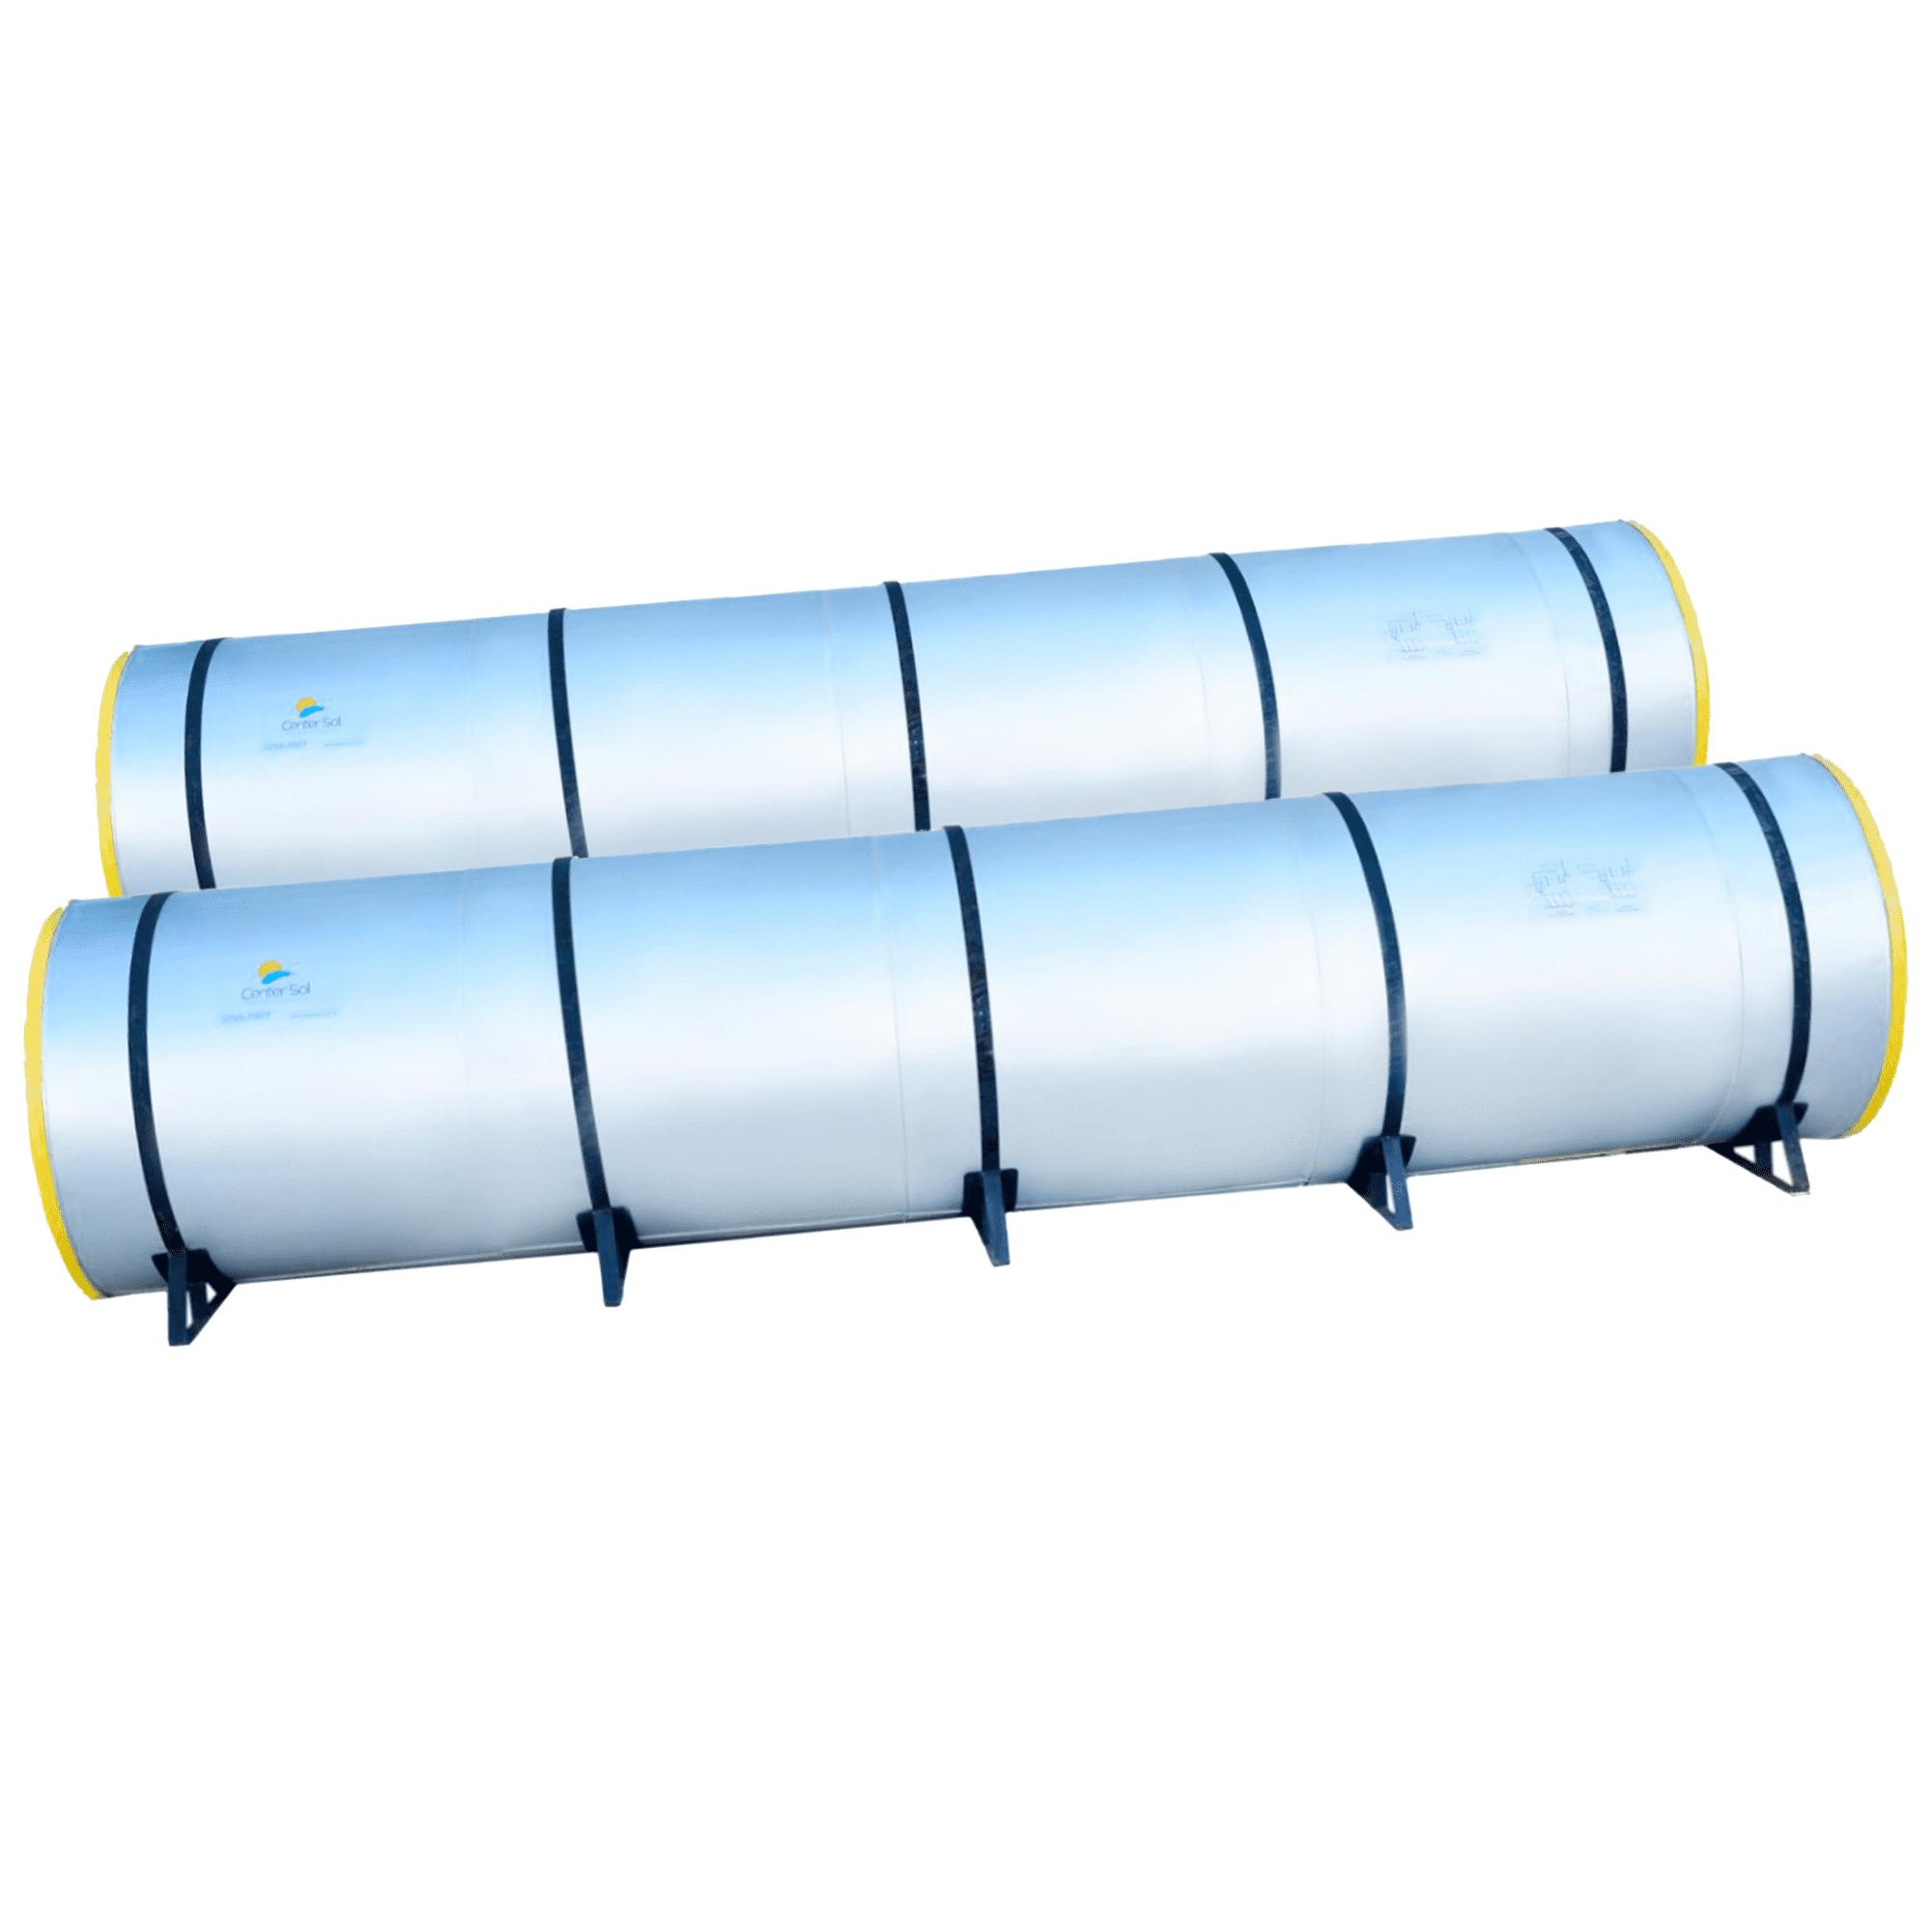 Boiler para Aquecedor Solar 5000 Litros - Inox (Reservatório Térmico)